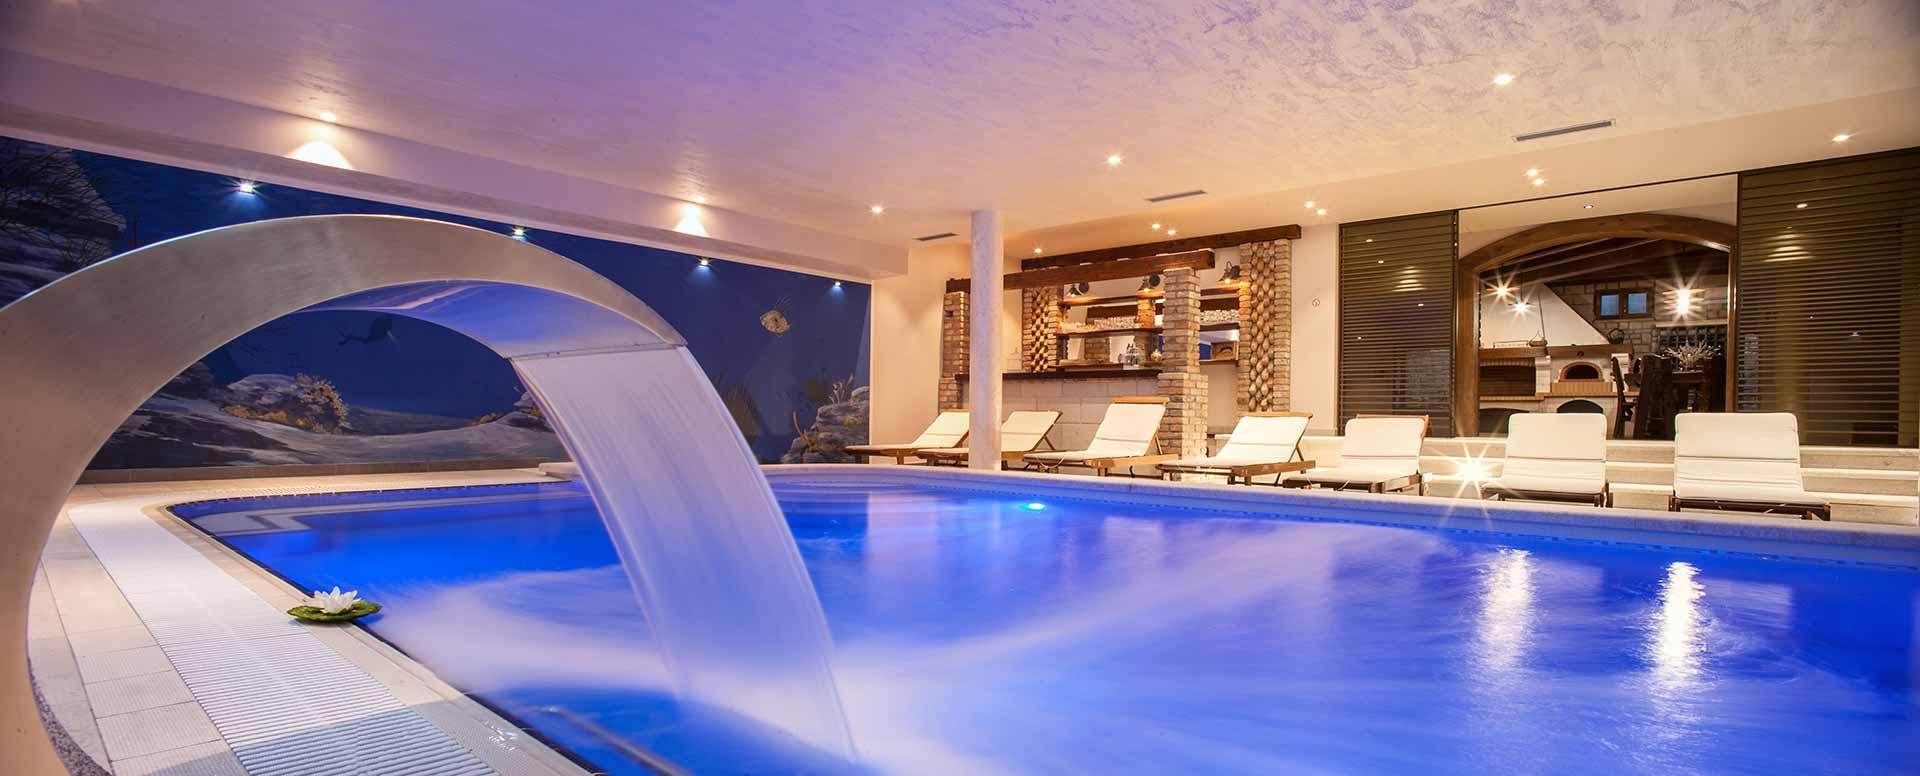 Ferienhaus kroatien mit pool und hund makarska riviera for Kroatien villa mit pool